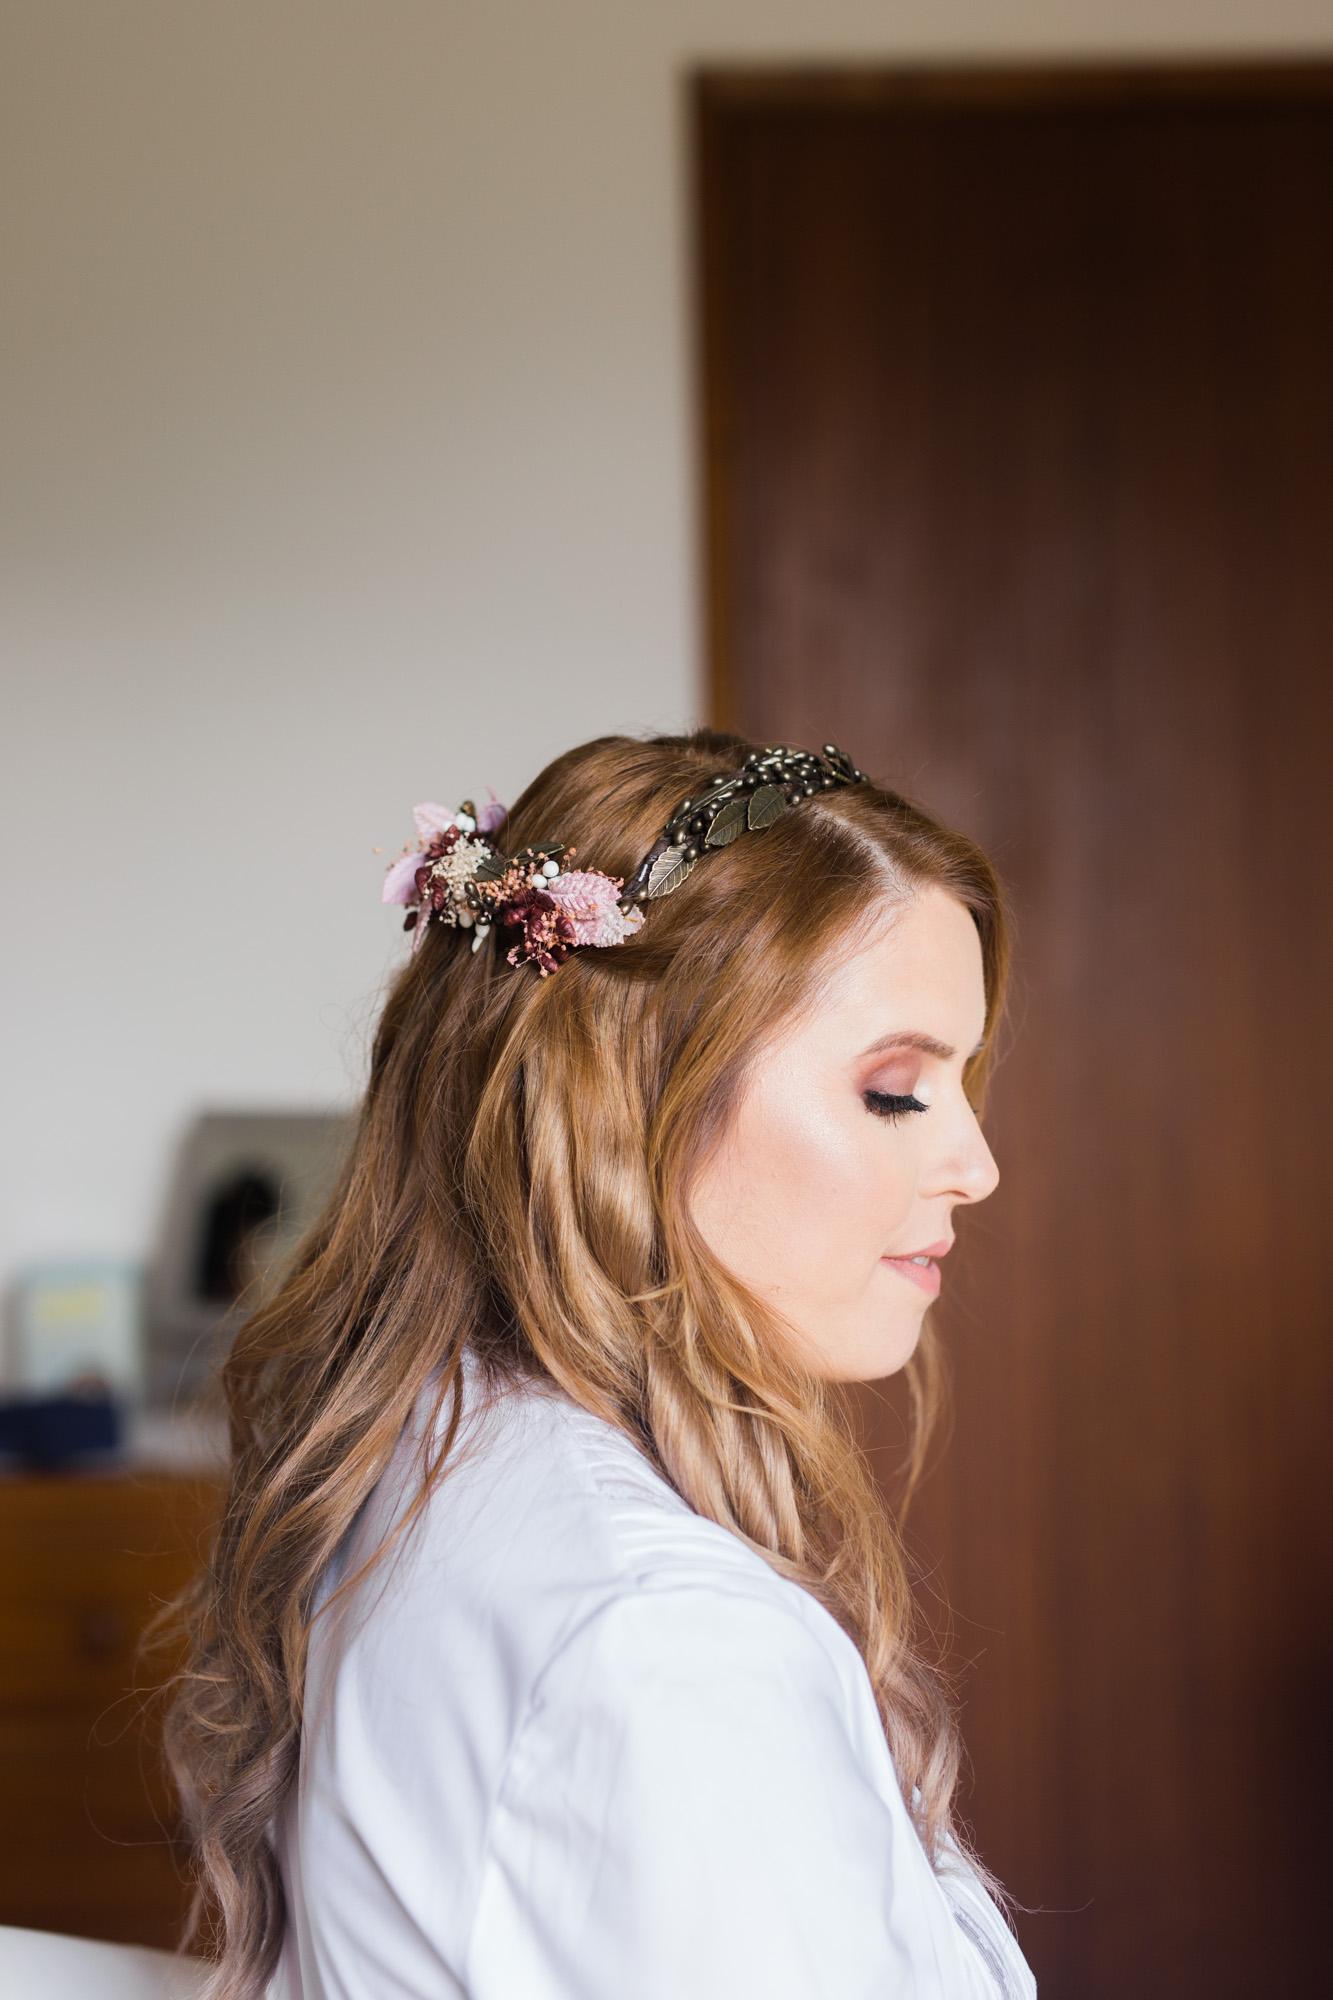 Penteado De Noiva Ideal Para Casamento Ideias E Dicas